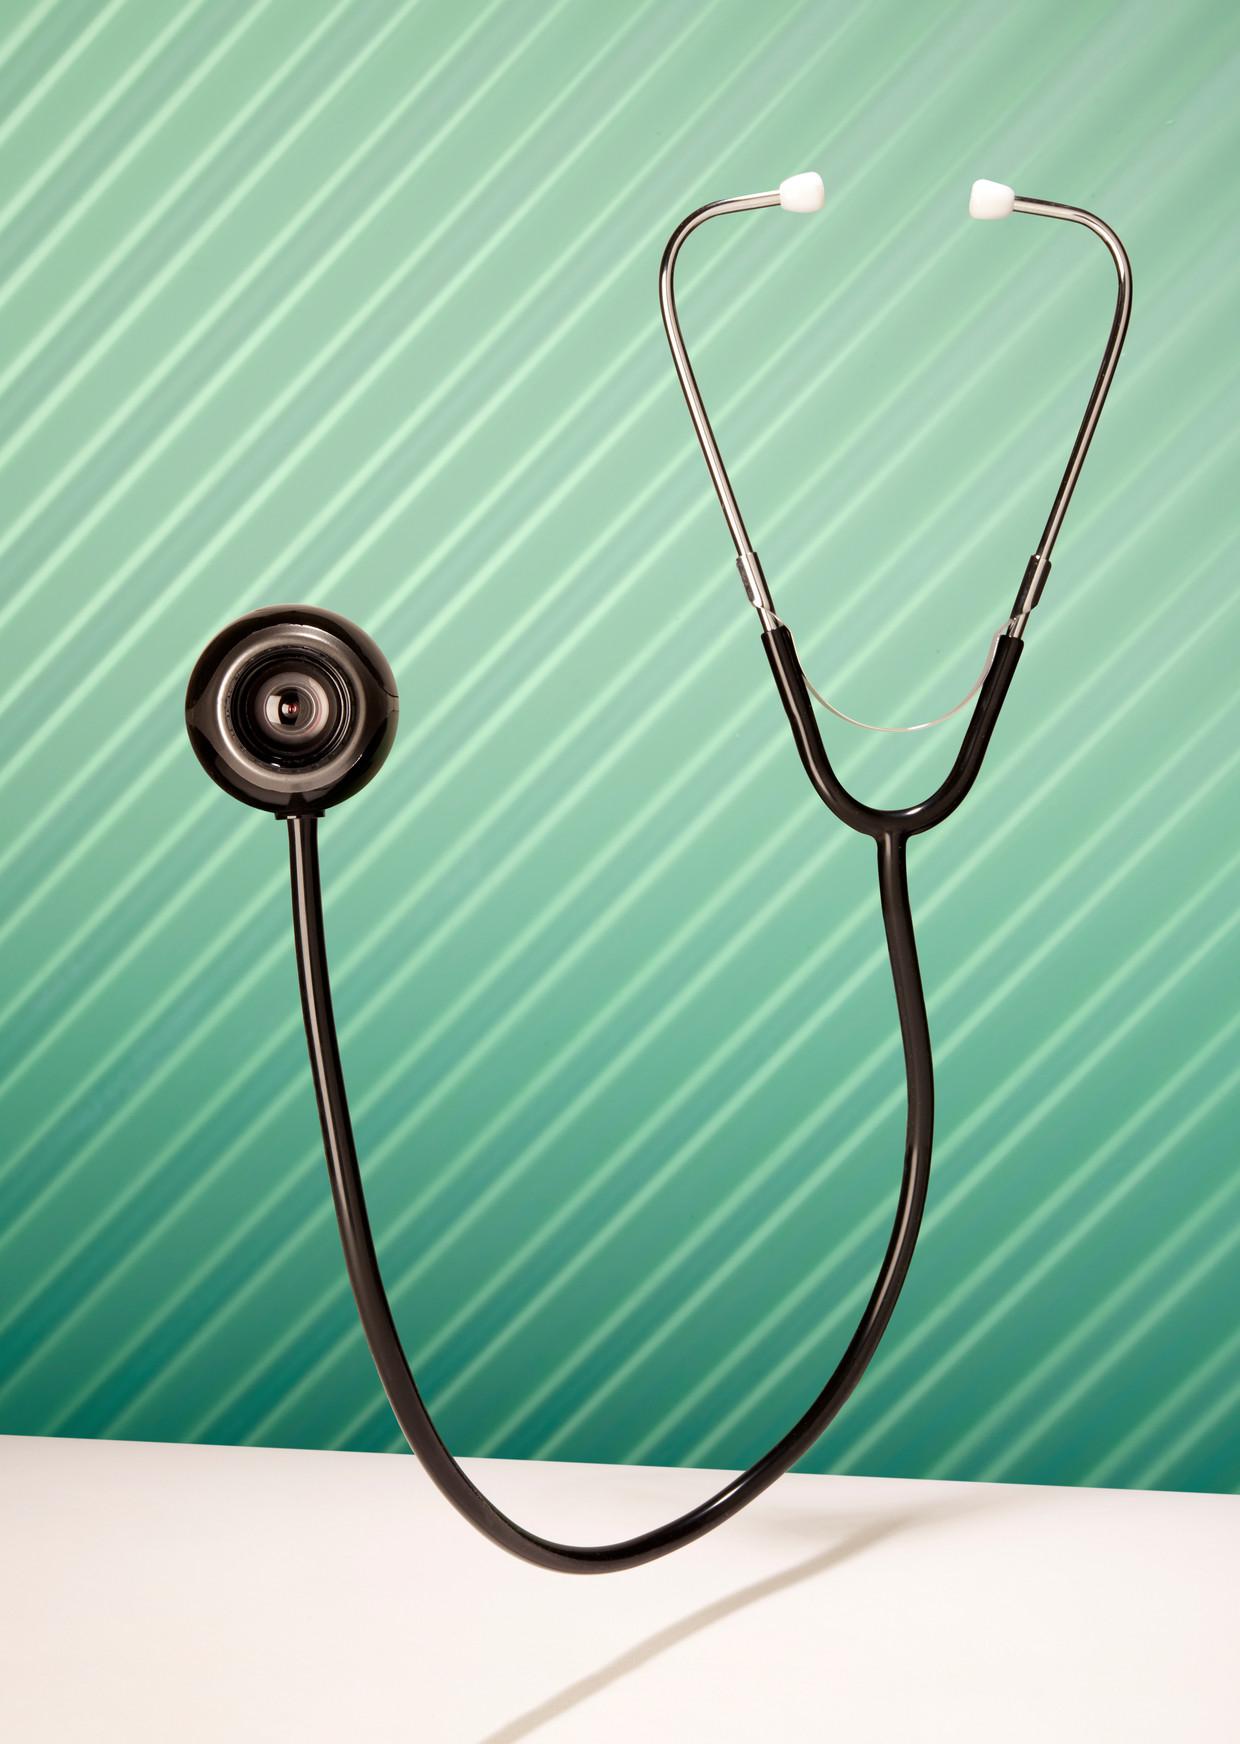 Zo'n 5 tot 10 procent van alle zorg is bewezen niet-zinnig, ongeveer 40 procent is bewezen zinnig. Beeld Van Santen & Bolleurs